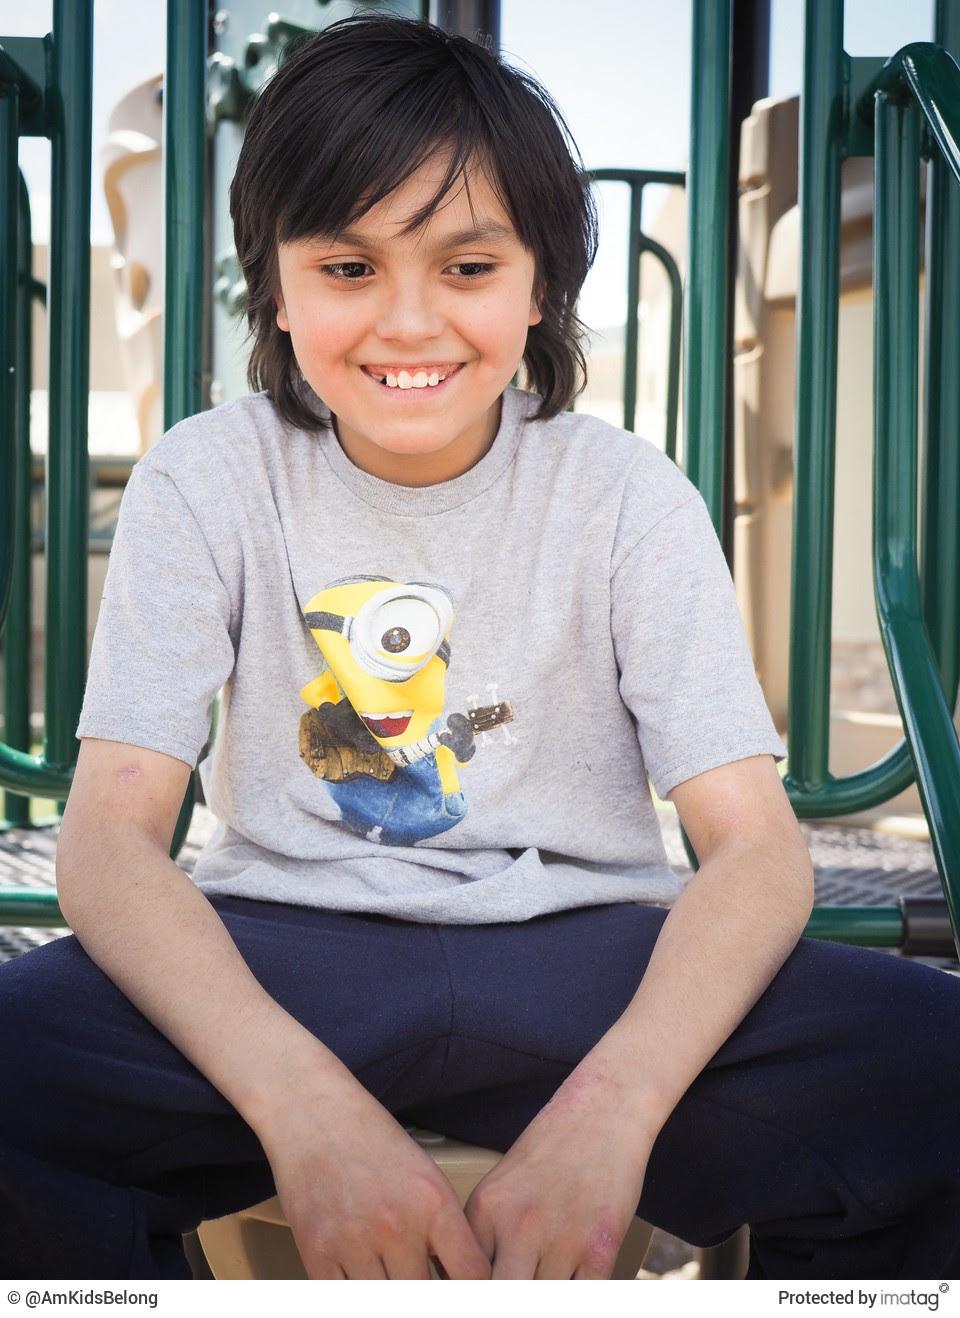 Image 5: Jarrett, age 13